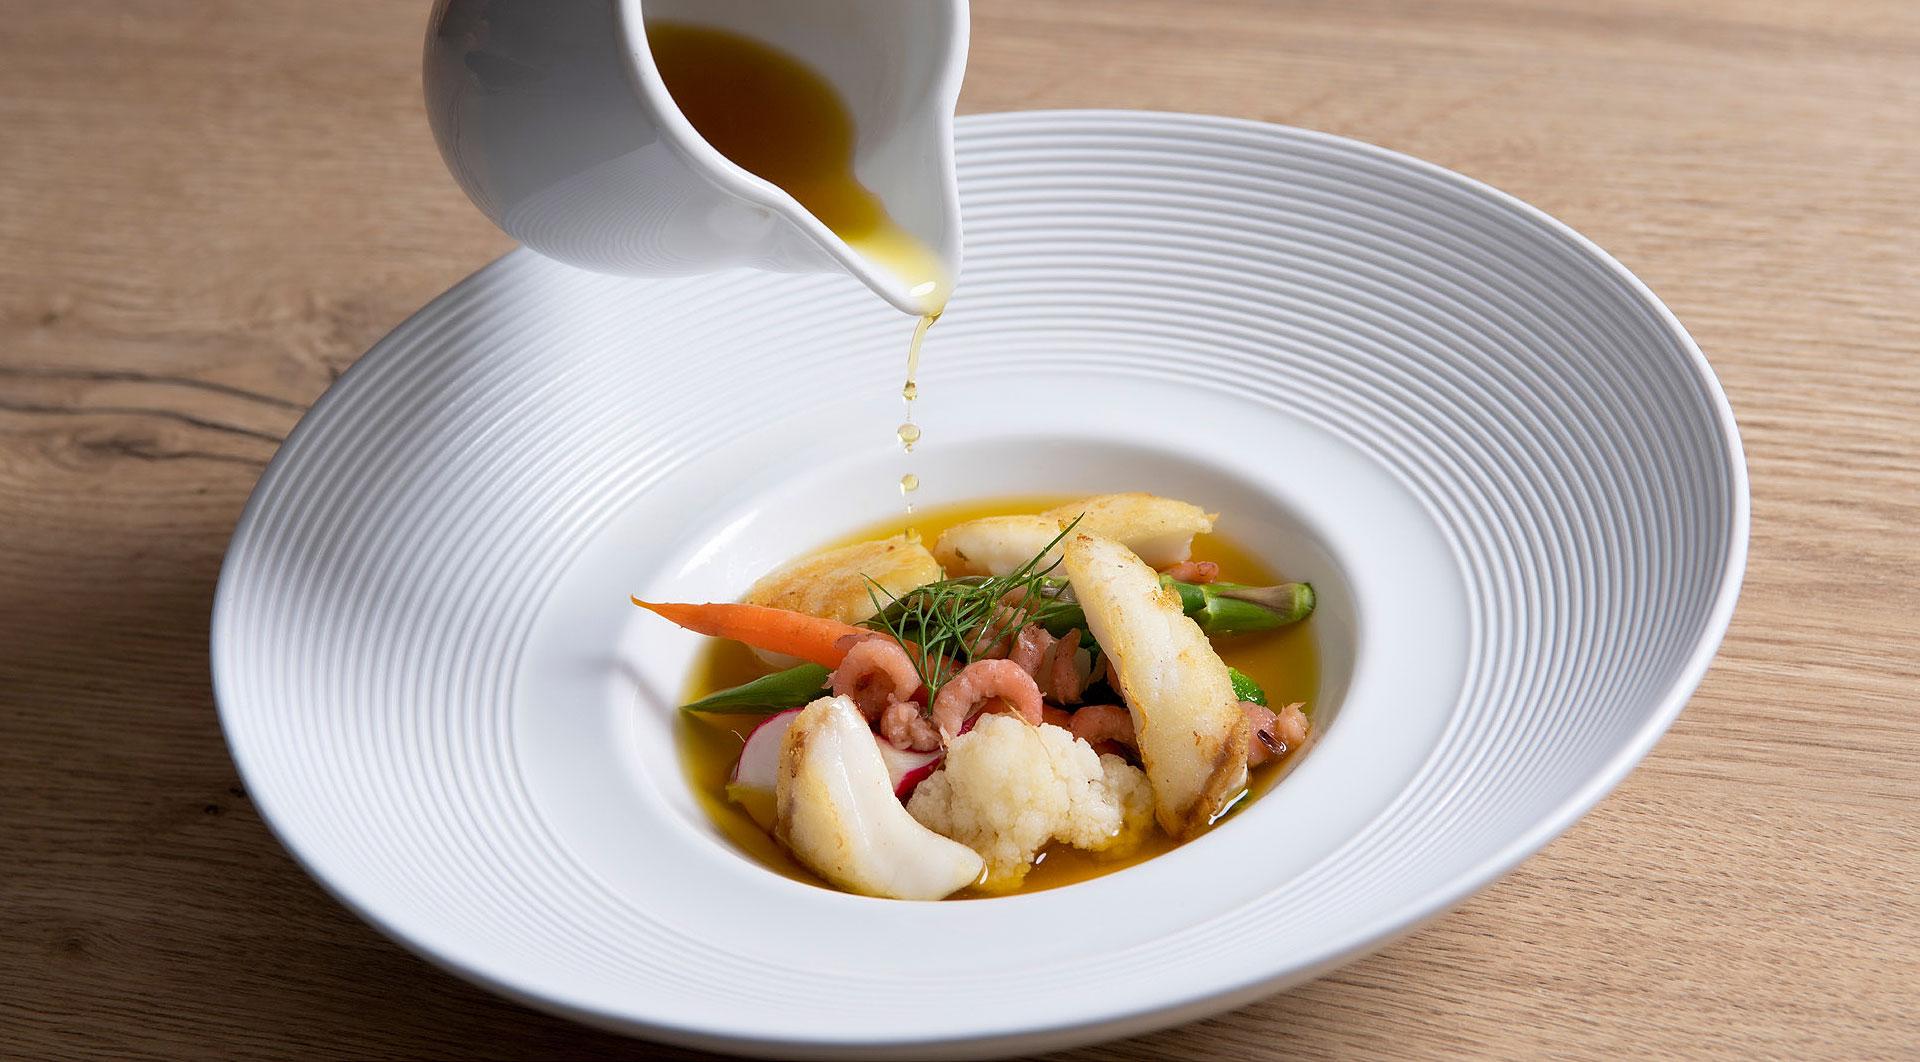 koekken_restaurant_food_benen-diken-hof_2020_02-6